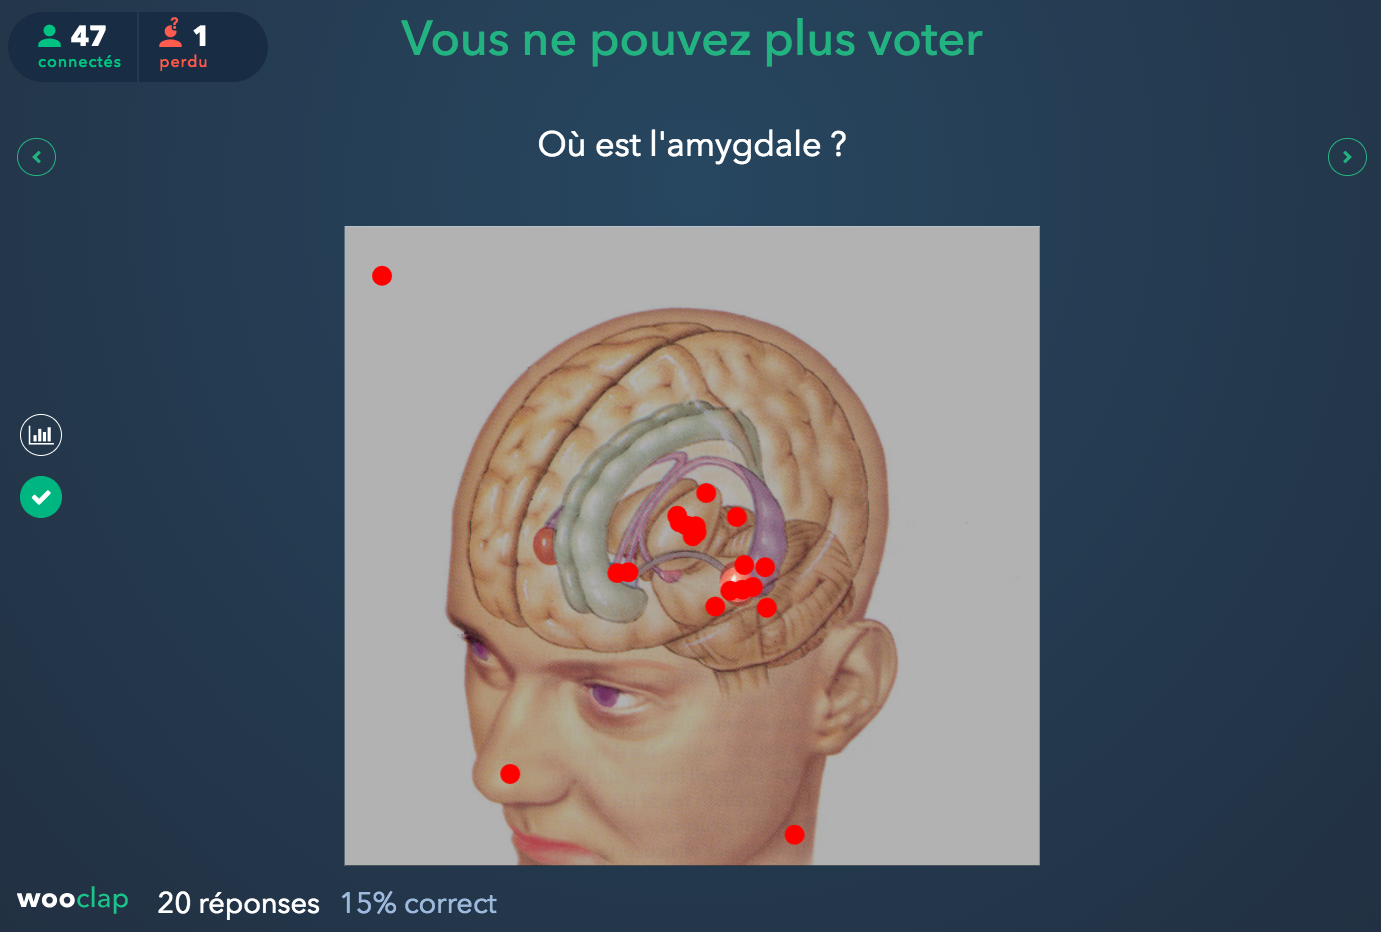 Images montrant les points rouges sur l'image d'une tête où on voit un cerveau en transparence